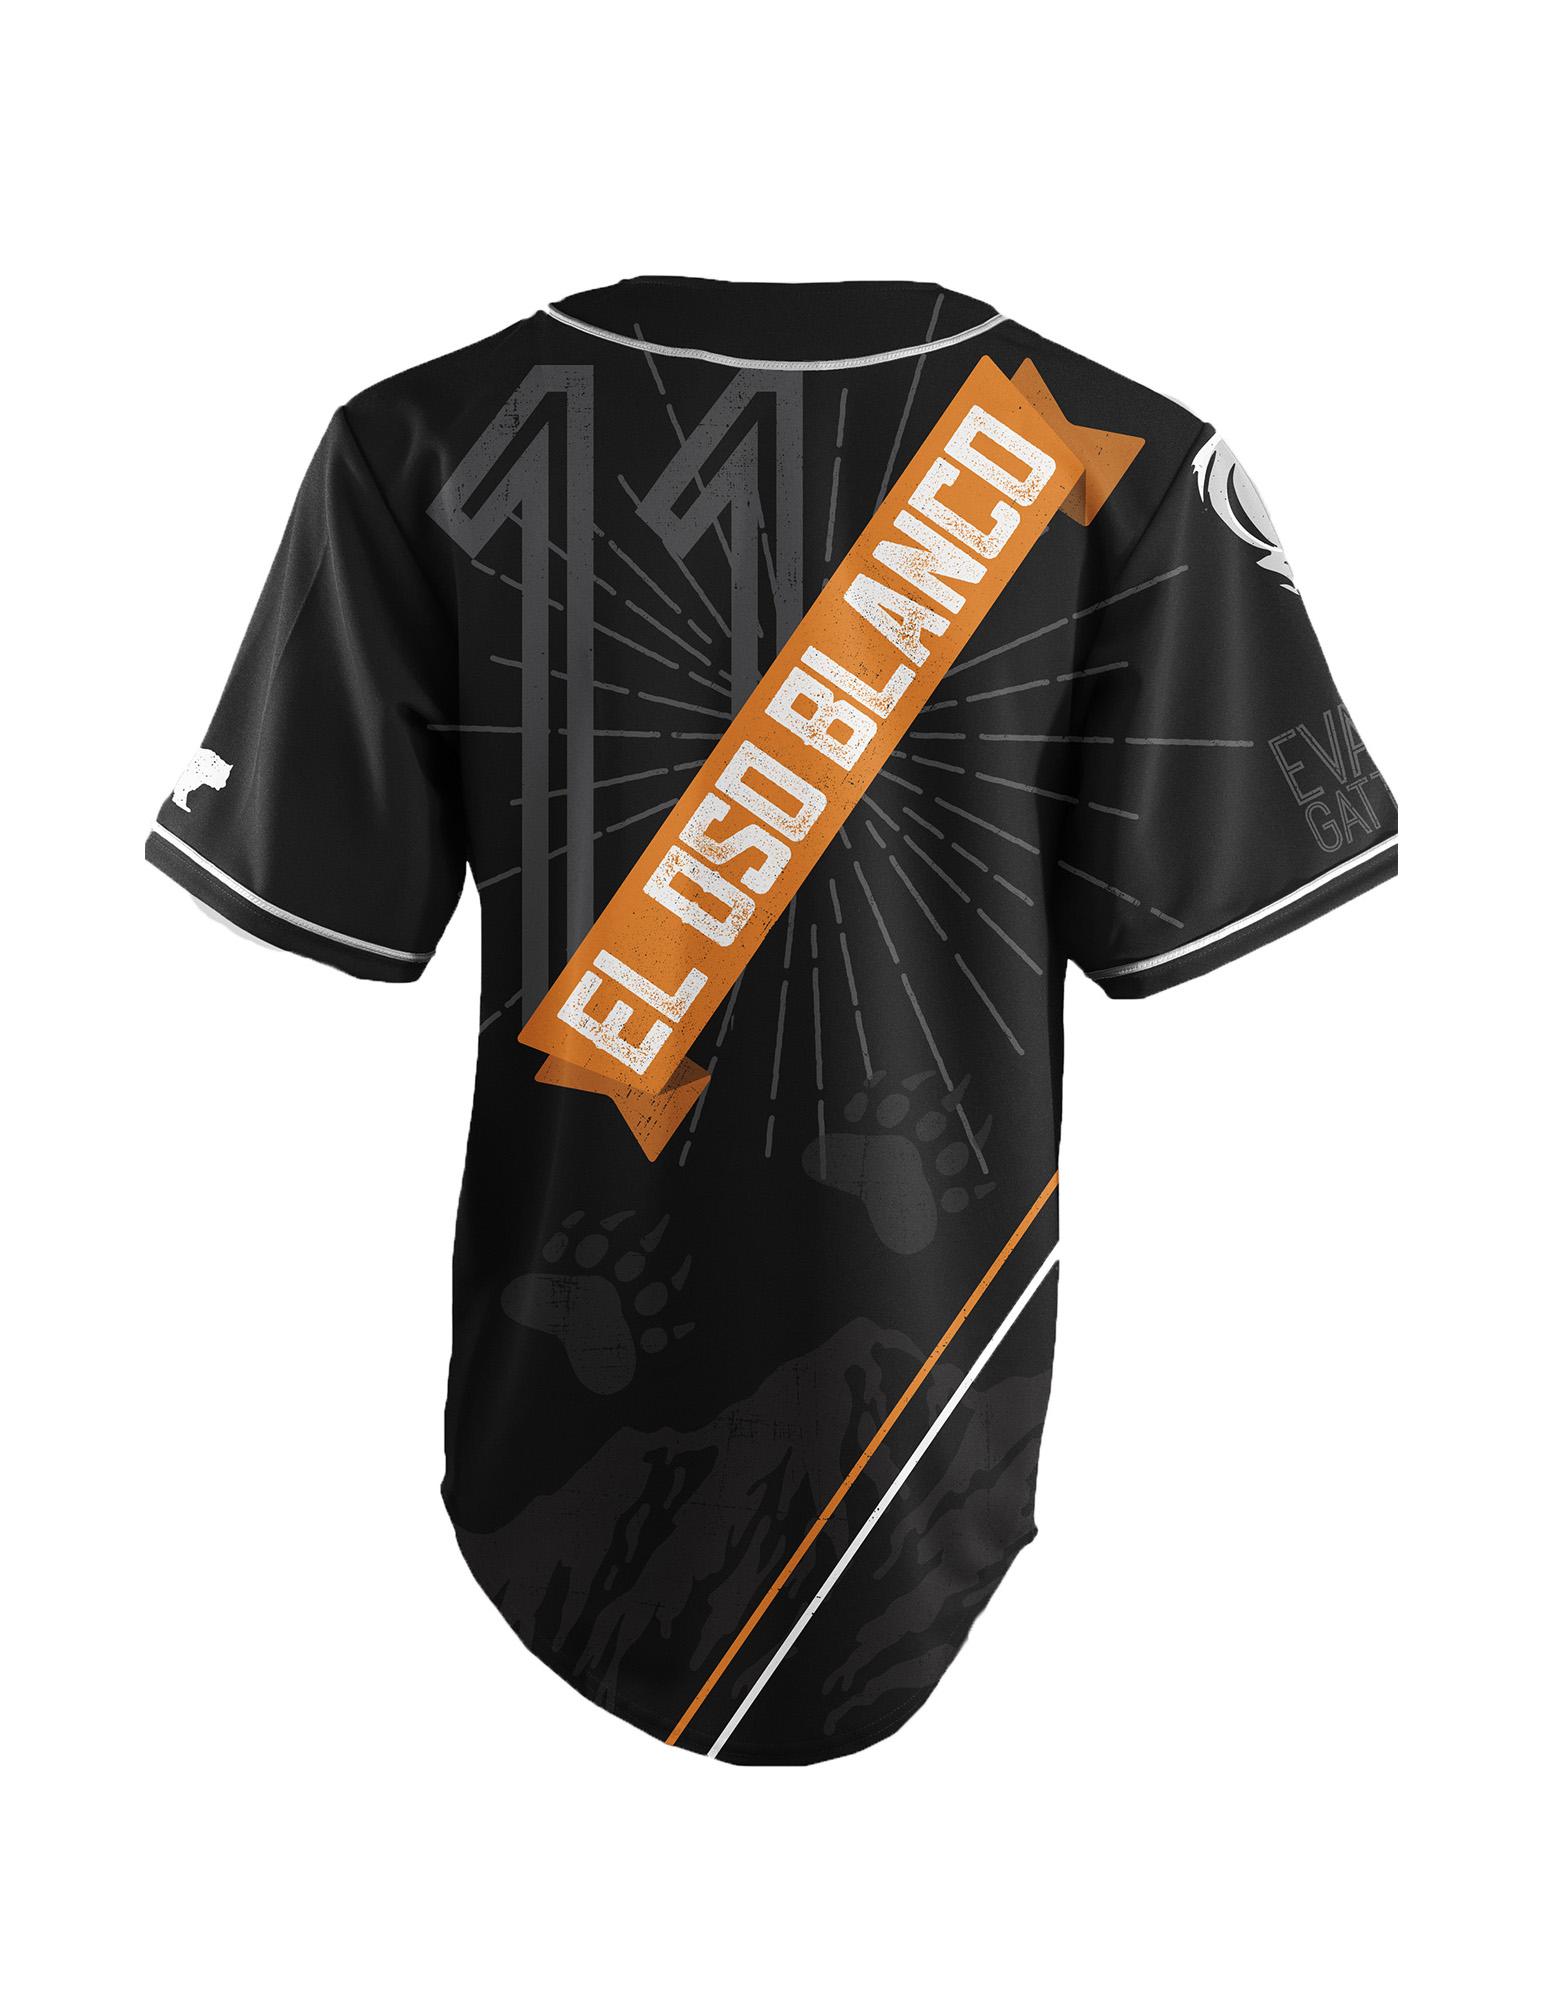 ATHLETE ORIGINALS Baseball Jersey by Evan Gattis